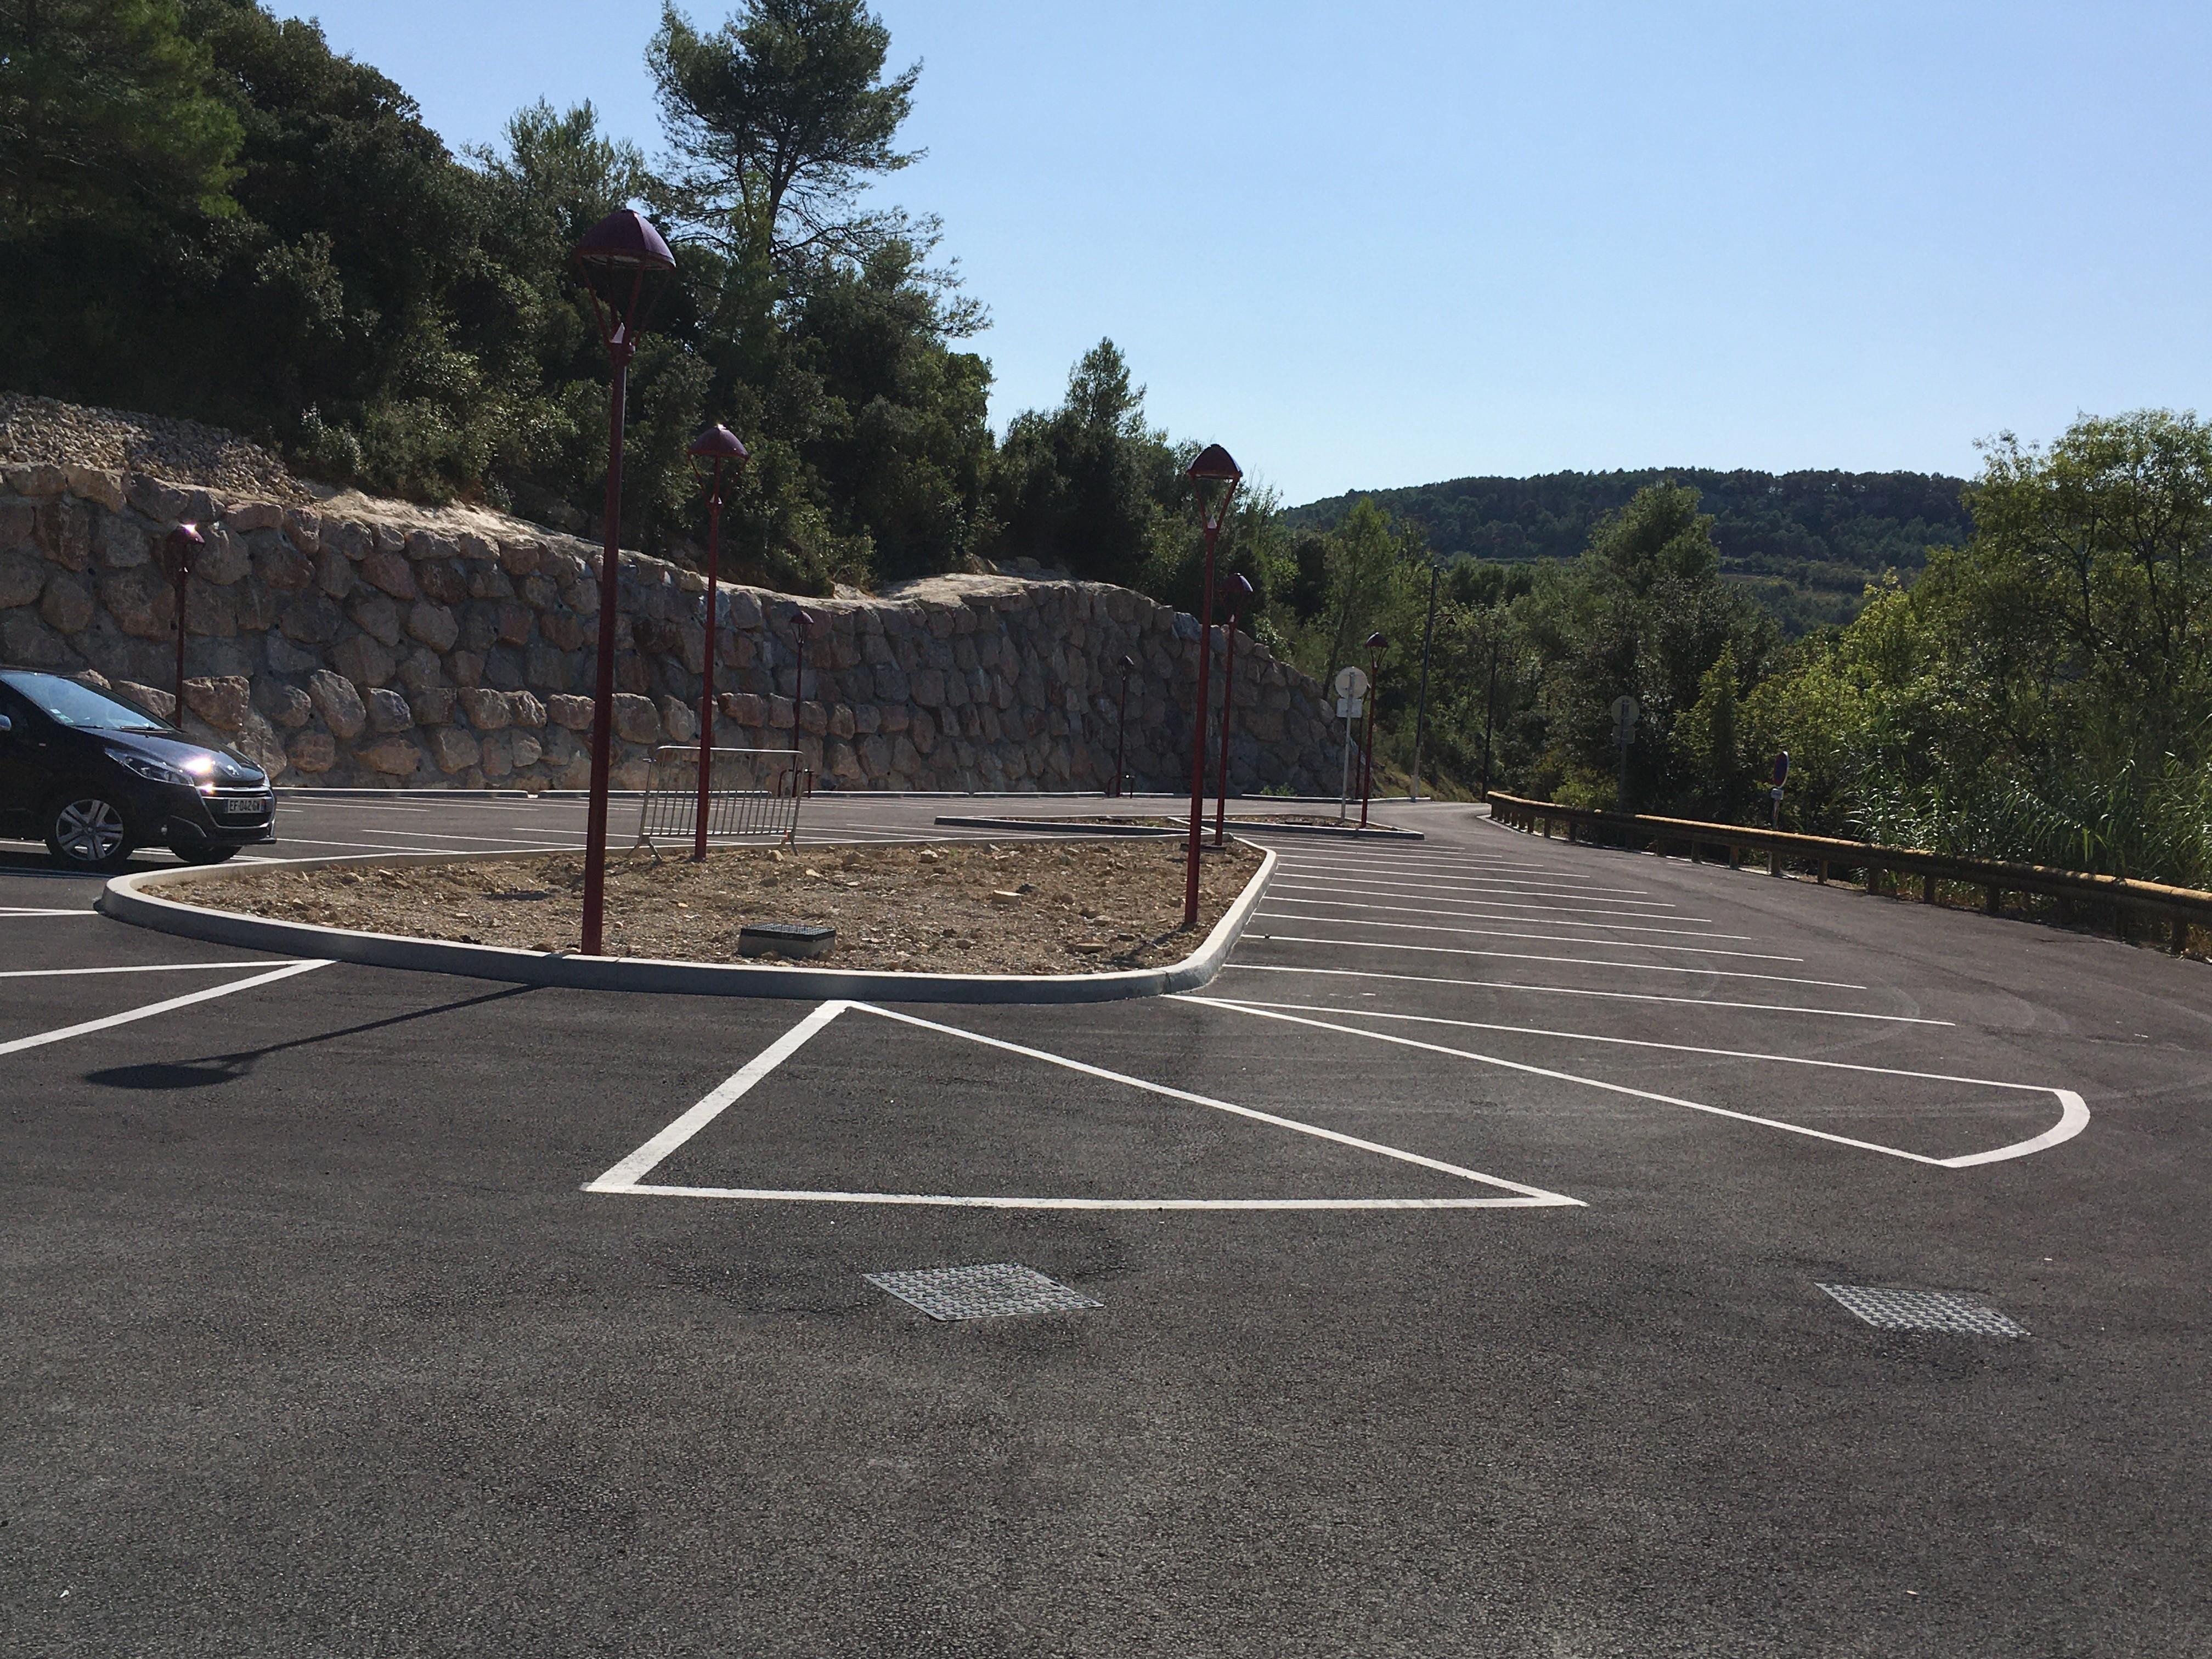 le parking à arborer